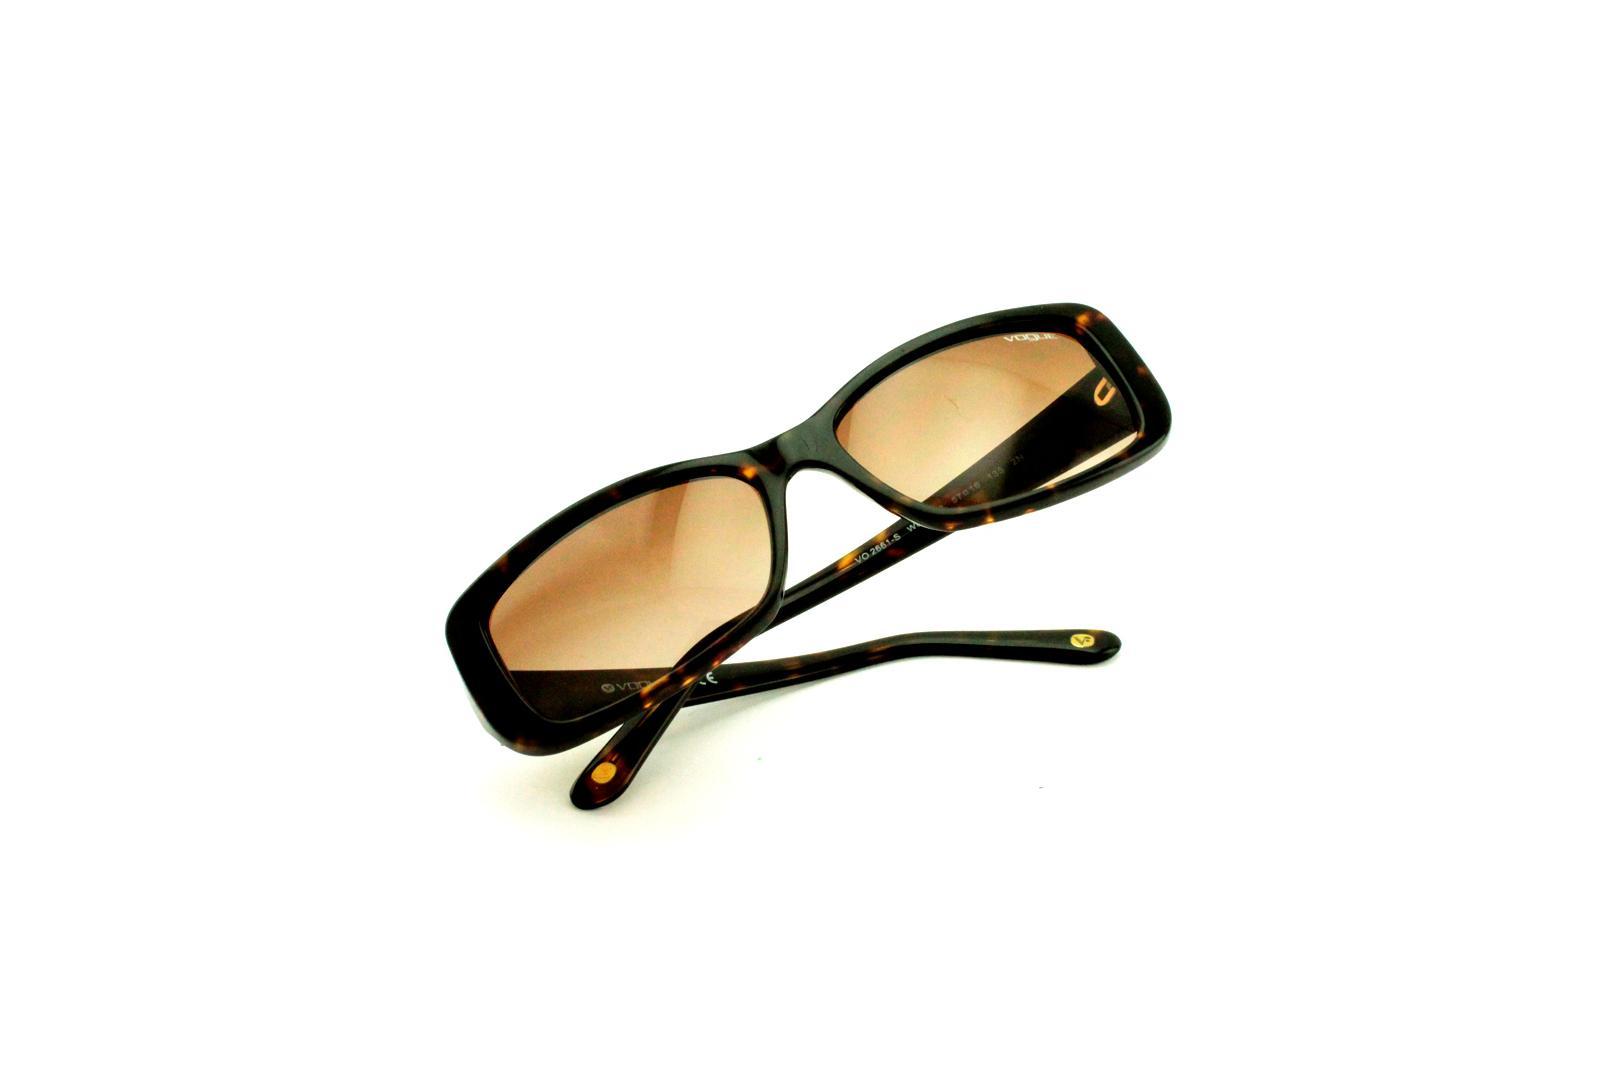 Couleur Taille Soleil Ecaille 57 Lunettes De 2661s Vogue W65613 xCreodBW